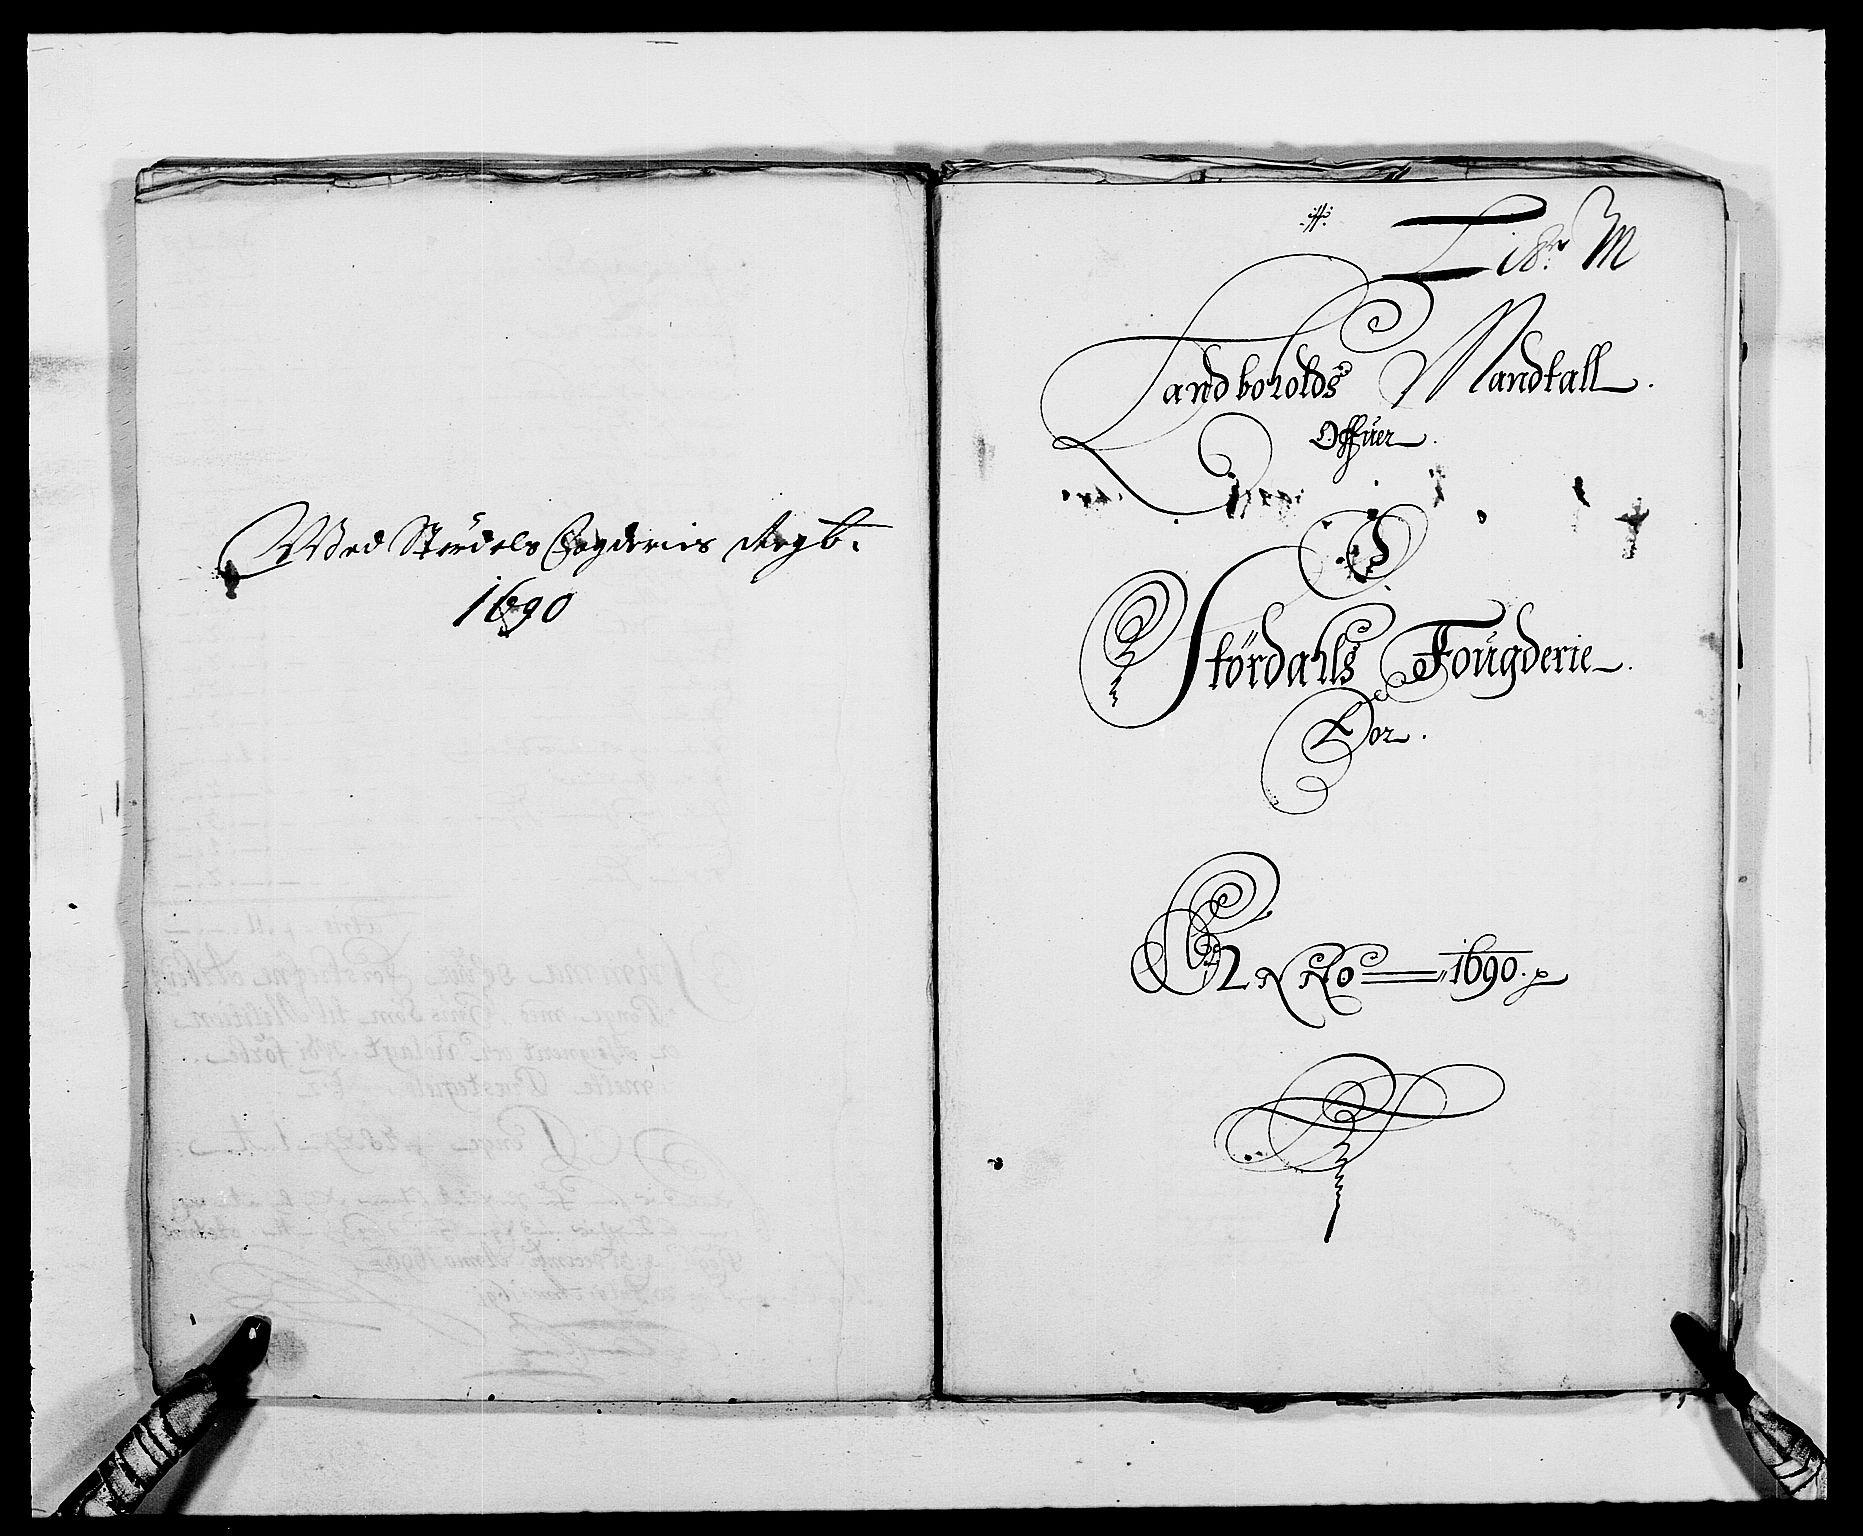 RA, Rentekammeret inntil 1814, Reviderte regnskaper, Fogderegnskap, R62/L4184: Fogderegnskap Stjørdal og Verdal, 1690-1691, s. 172